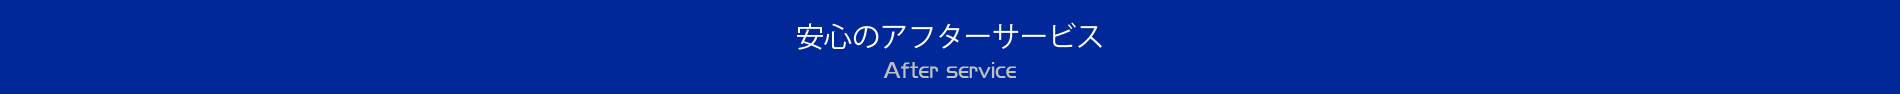 安心のアフターサービス